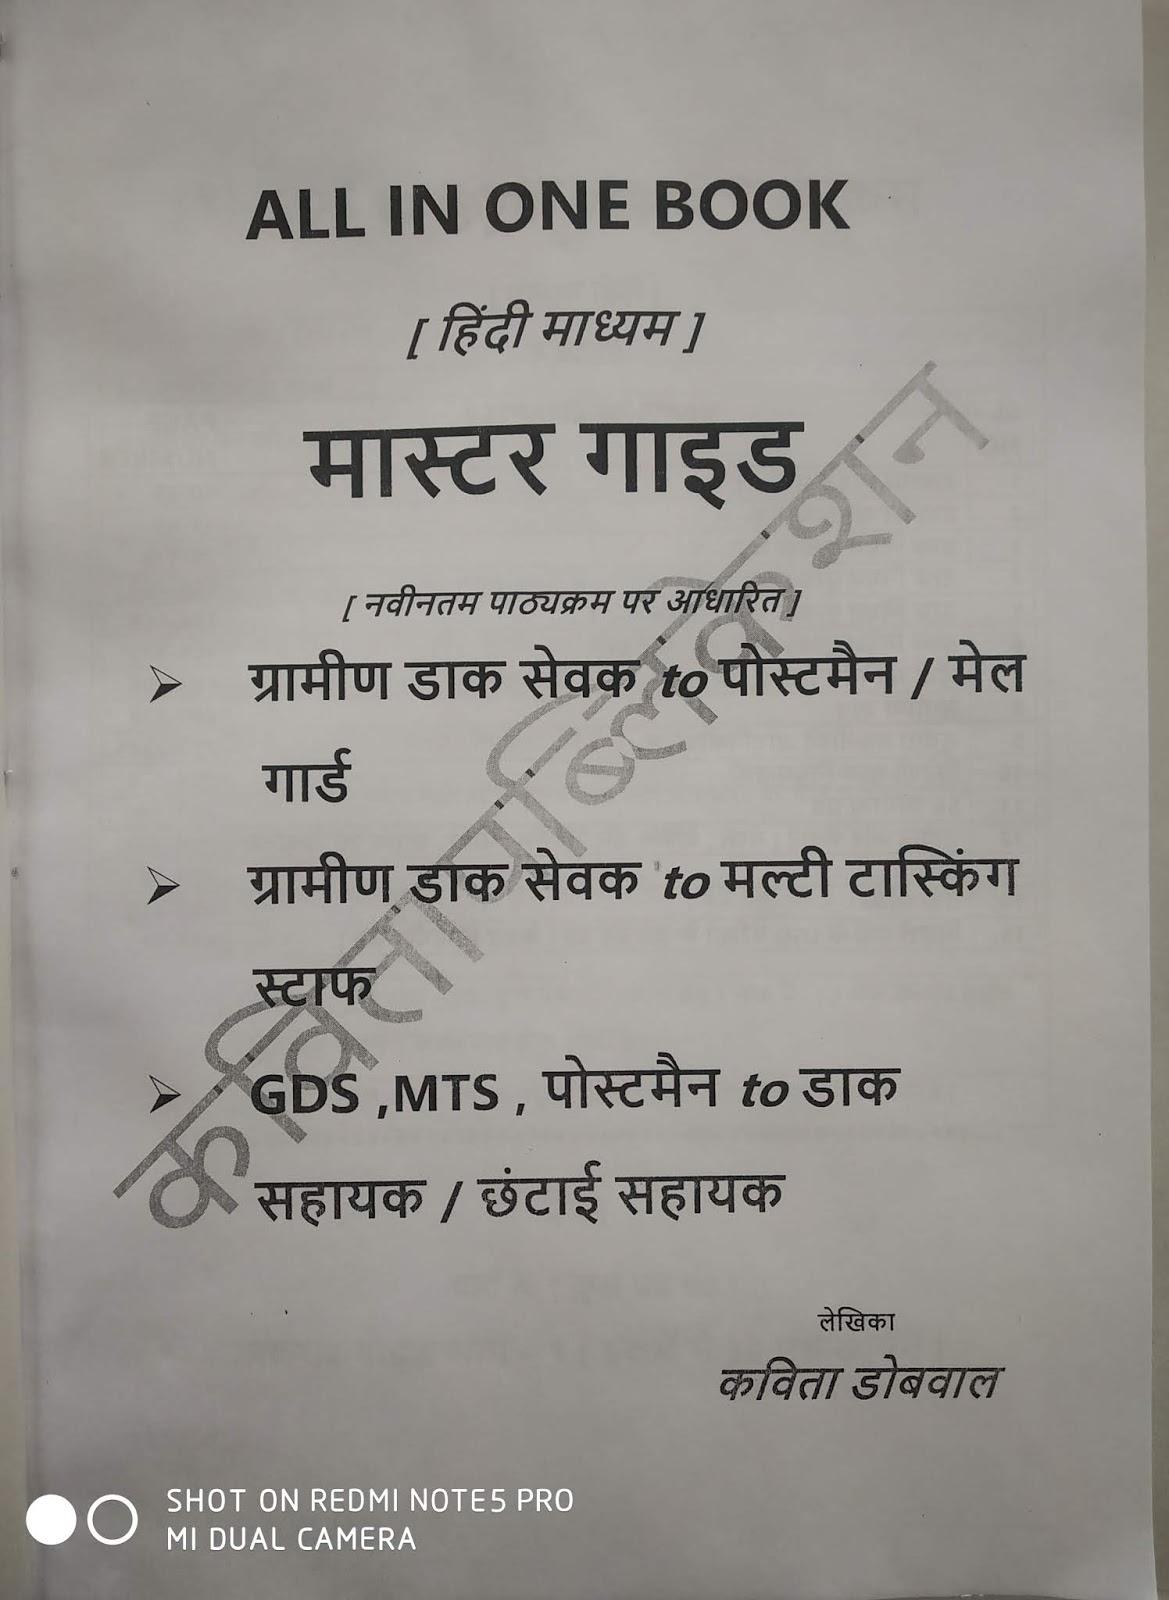 master guide for GDS